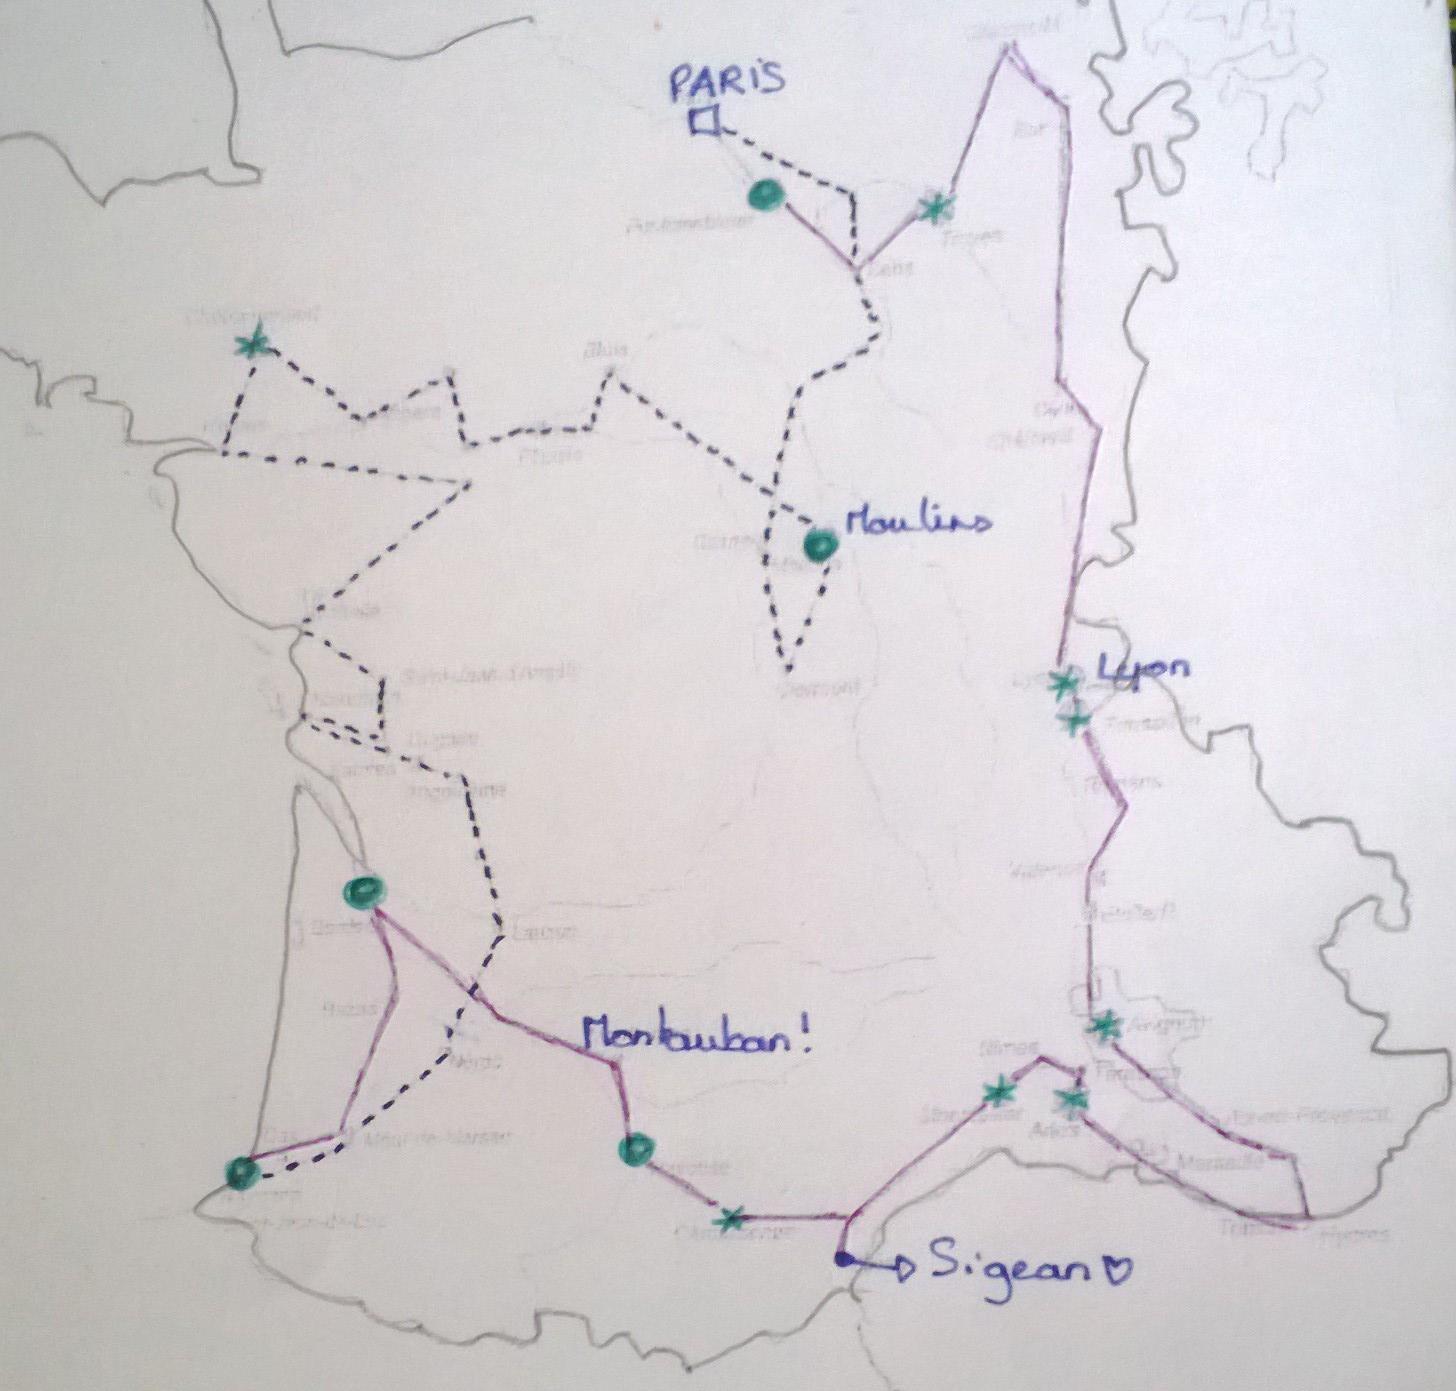 Les points verts sont les séjours d'au moins un mois Les étoiles vertes d'au moins une semaine La ligne rose c'est l'aller de Paris à Bayonne La ligne en pointillets le retour de Bayonne à Paris